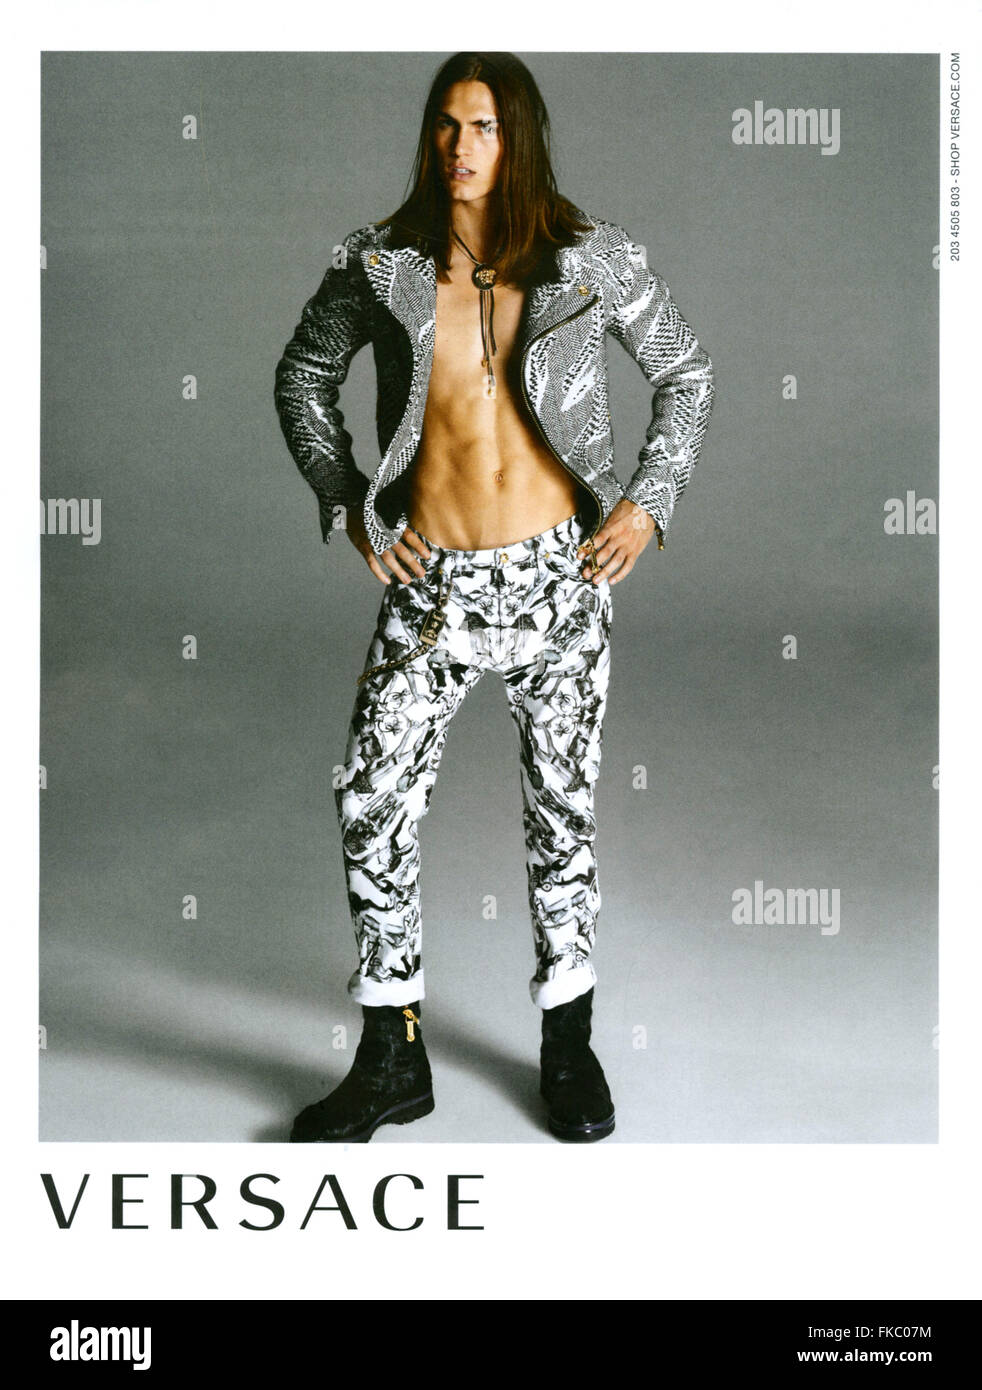 Mens Fashion 2010s Fashion Stock Photos & Mens Fashion 2010s